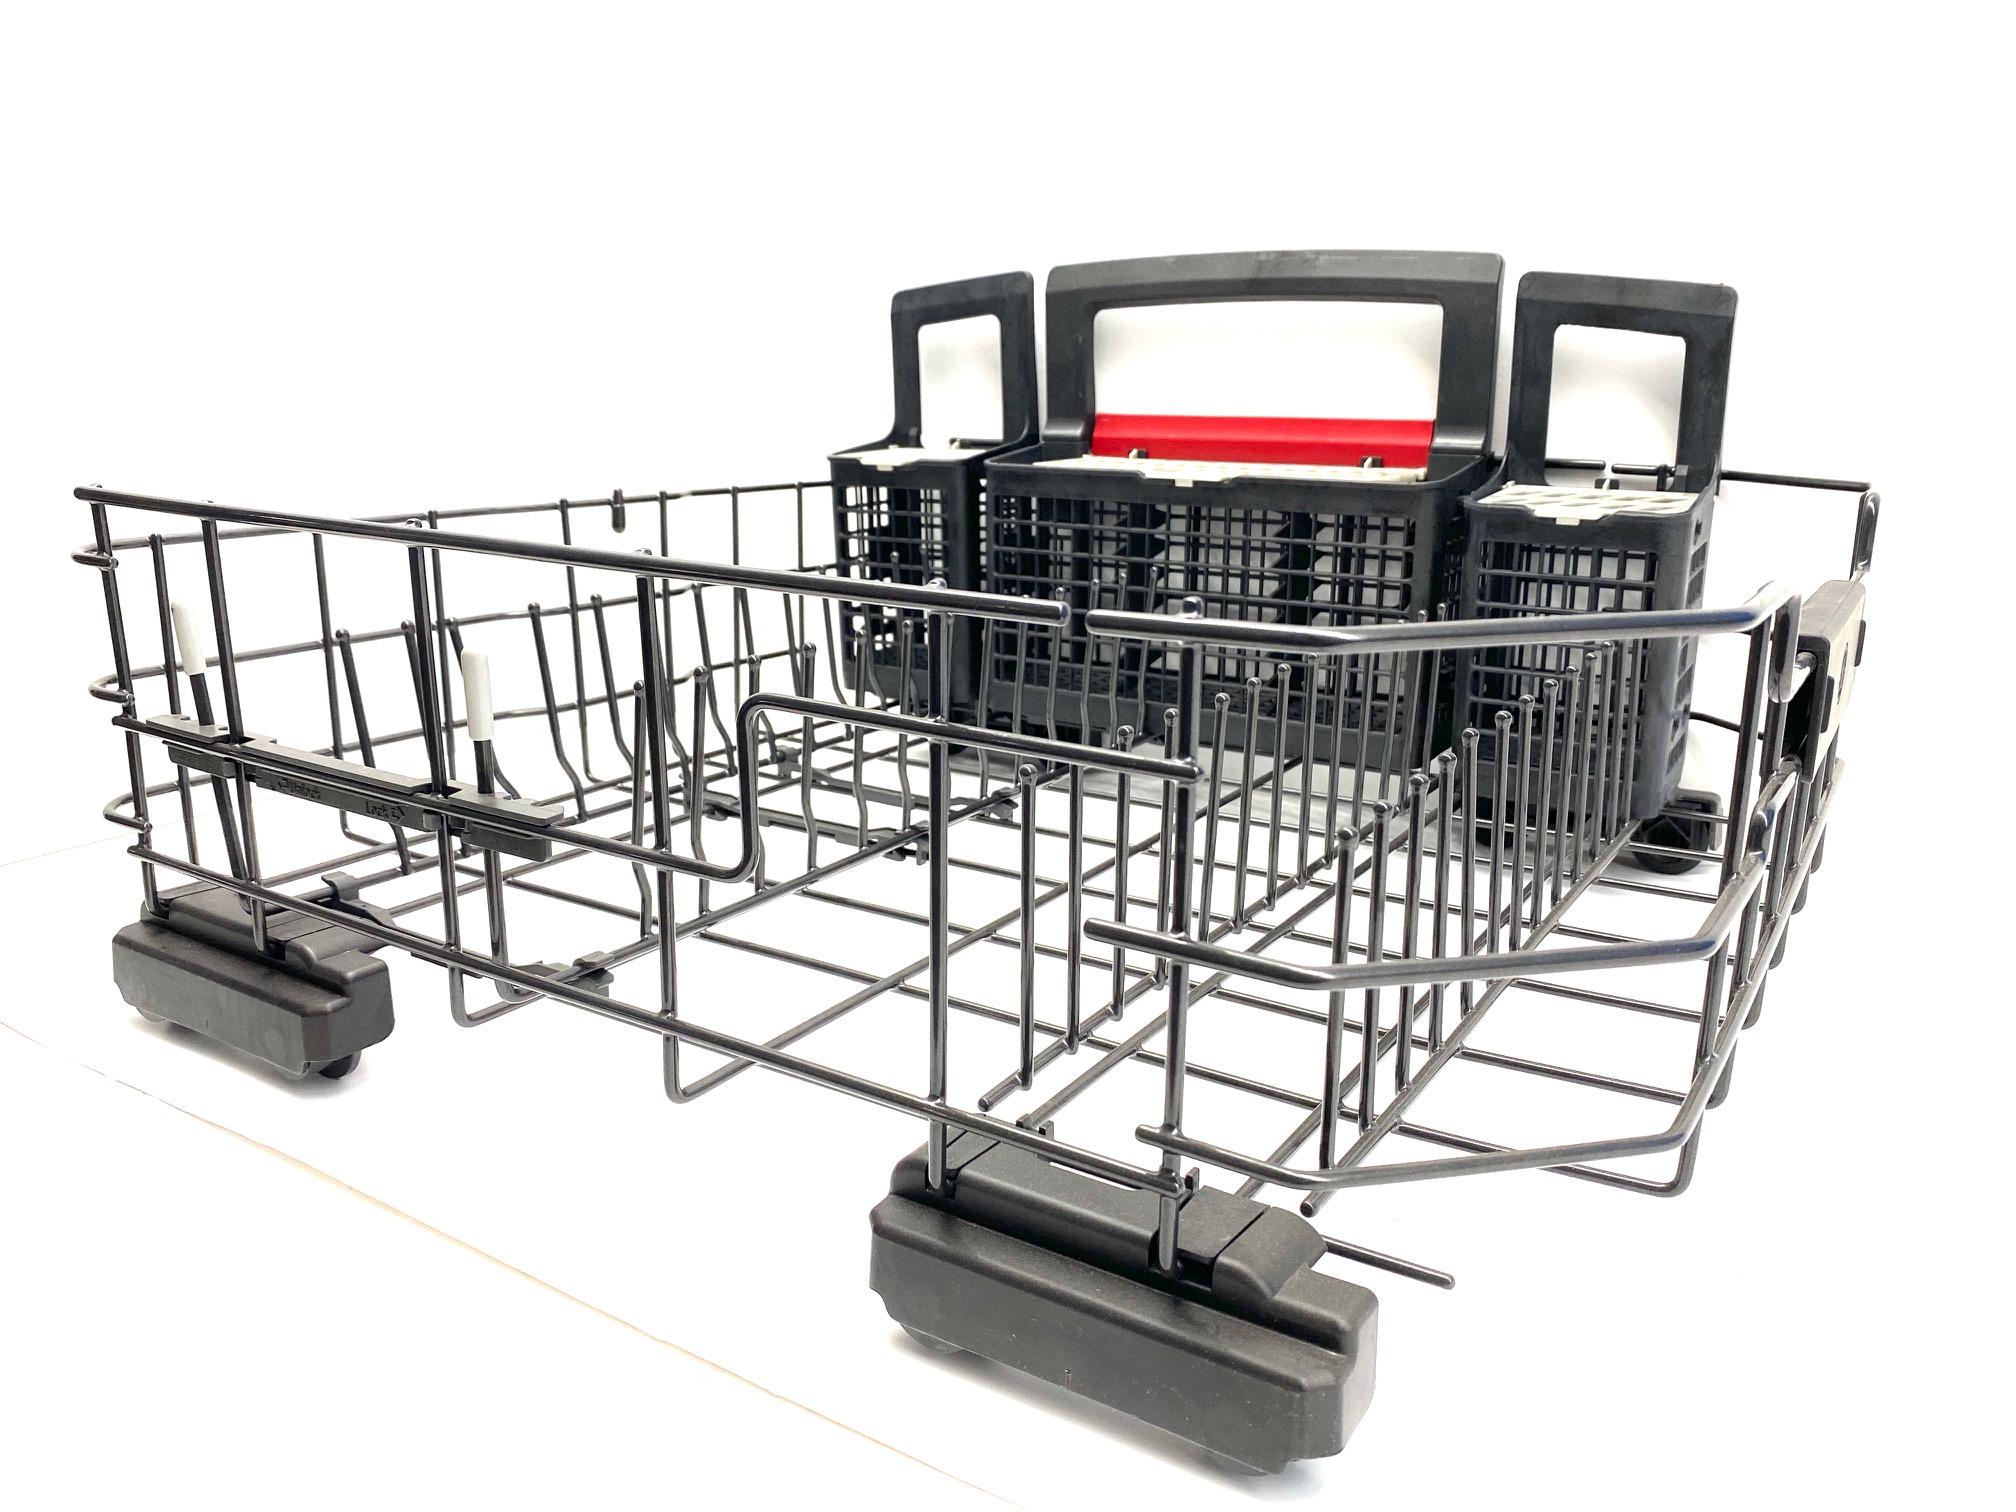 wd28x22659 ge dishwasher lower rack wd28x10371 wd28x10346